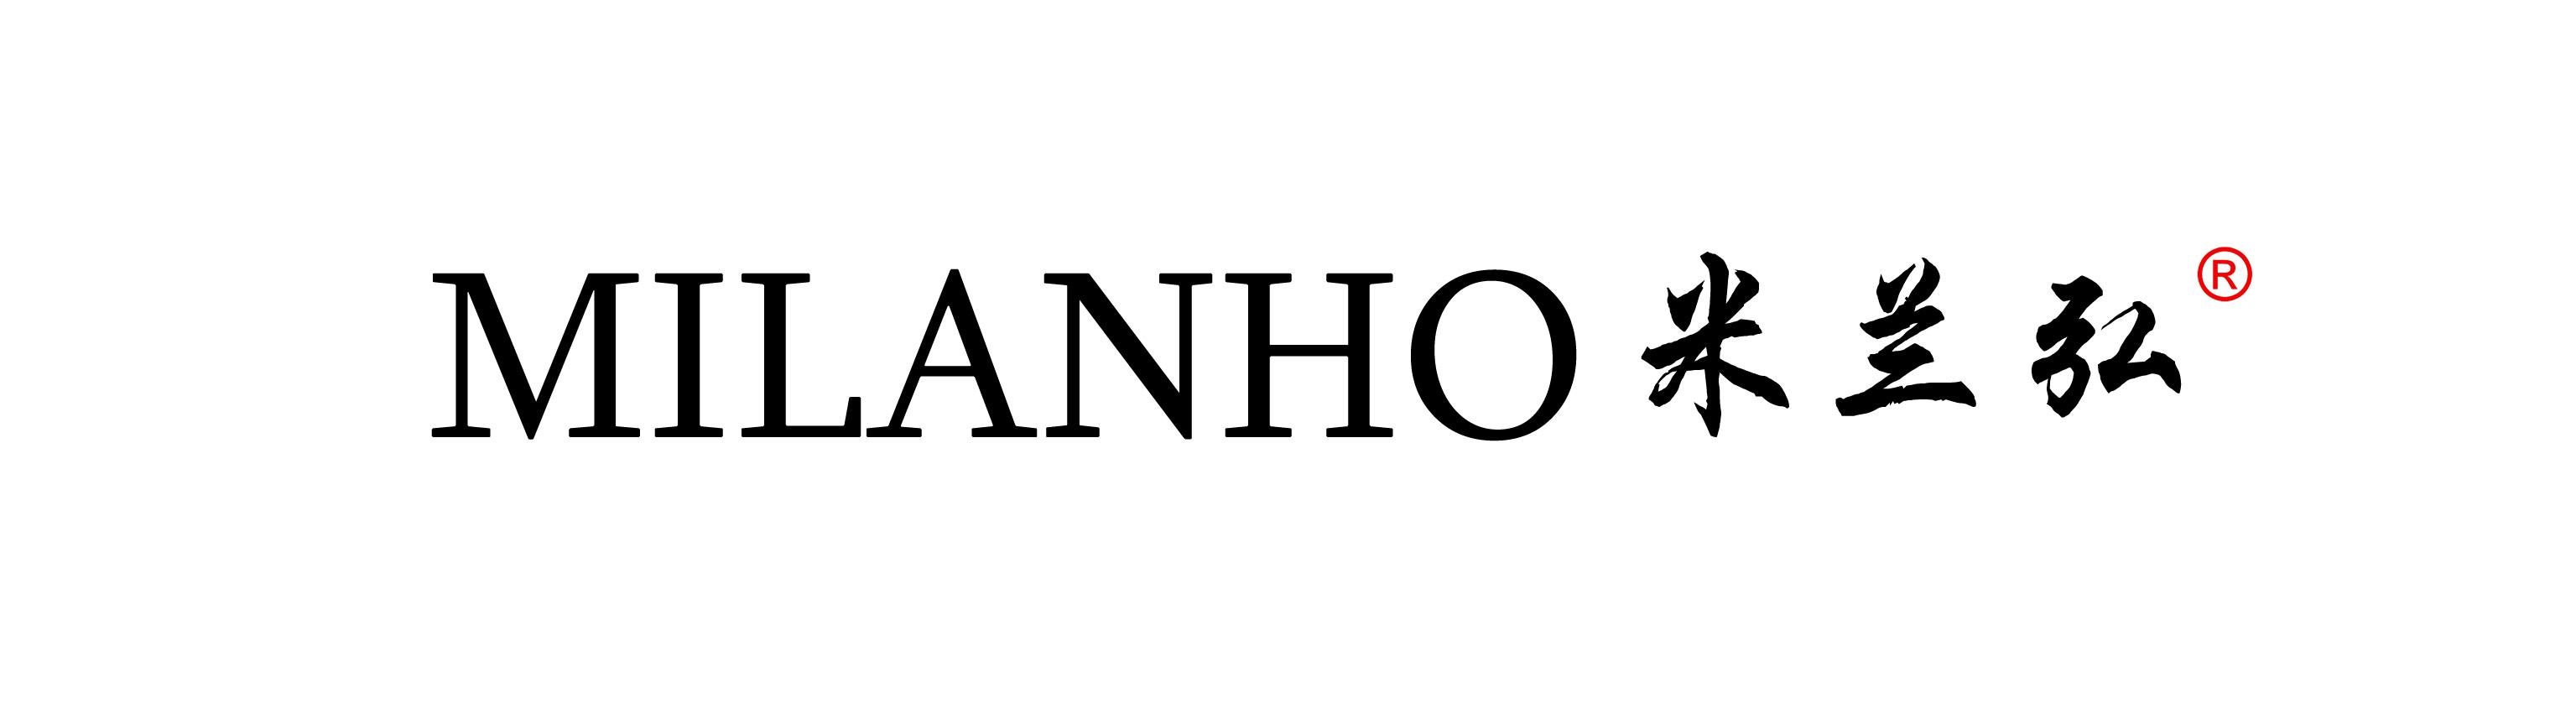 米蘭弘服裝公司品牌商標-1